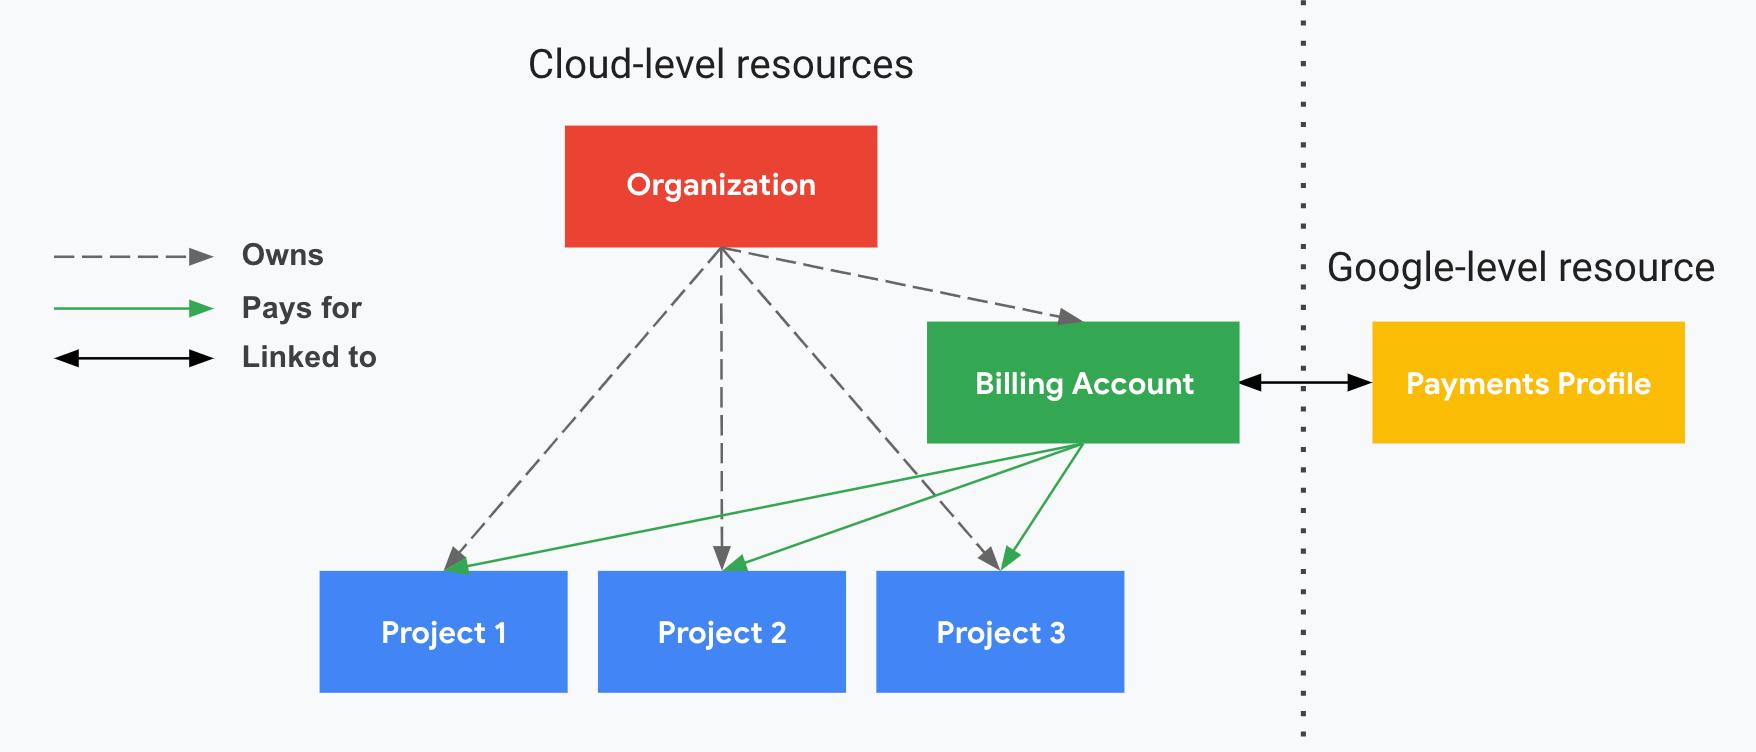 プロジェクトが Cloud 請求先アカウント、組織、お支払いプロファイルにどのように関連しているかを示します。片方にはクラウドレベルのリソース(組織、Cloud 請求先アカウント、関連付けられたプロジェクト)が表示され、縦の破線で区切られたもう片方には Google レベルのリソース(お支払いプロファイル)が表示されます。プロジェクトでは、お支払いプロファイルにリンクされている Cloud 請求先アカウントに対して支払われます。組織は、IAM を使用して所有権を制御します。